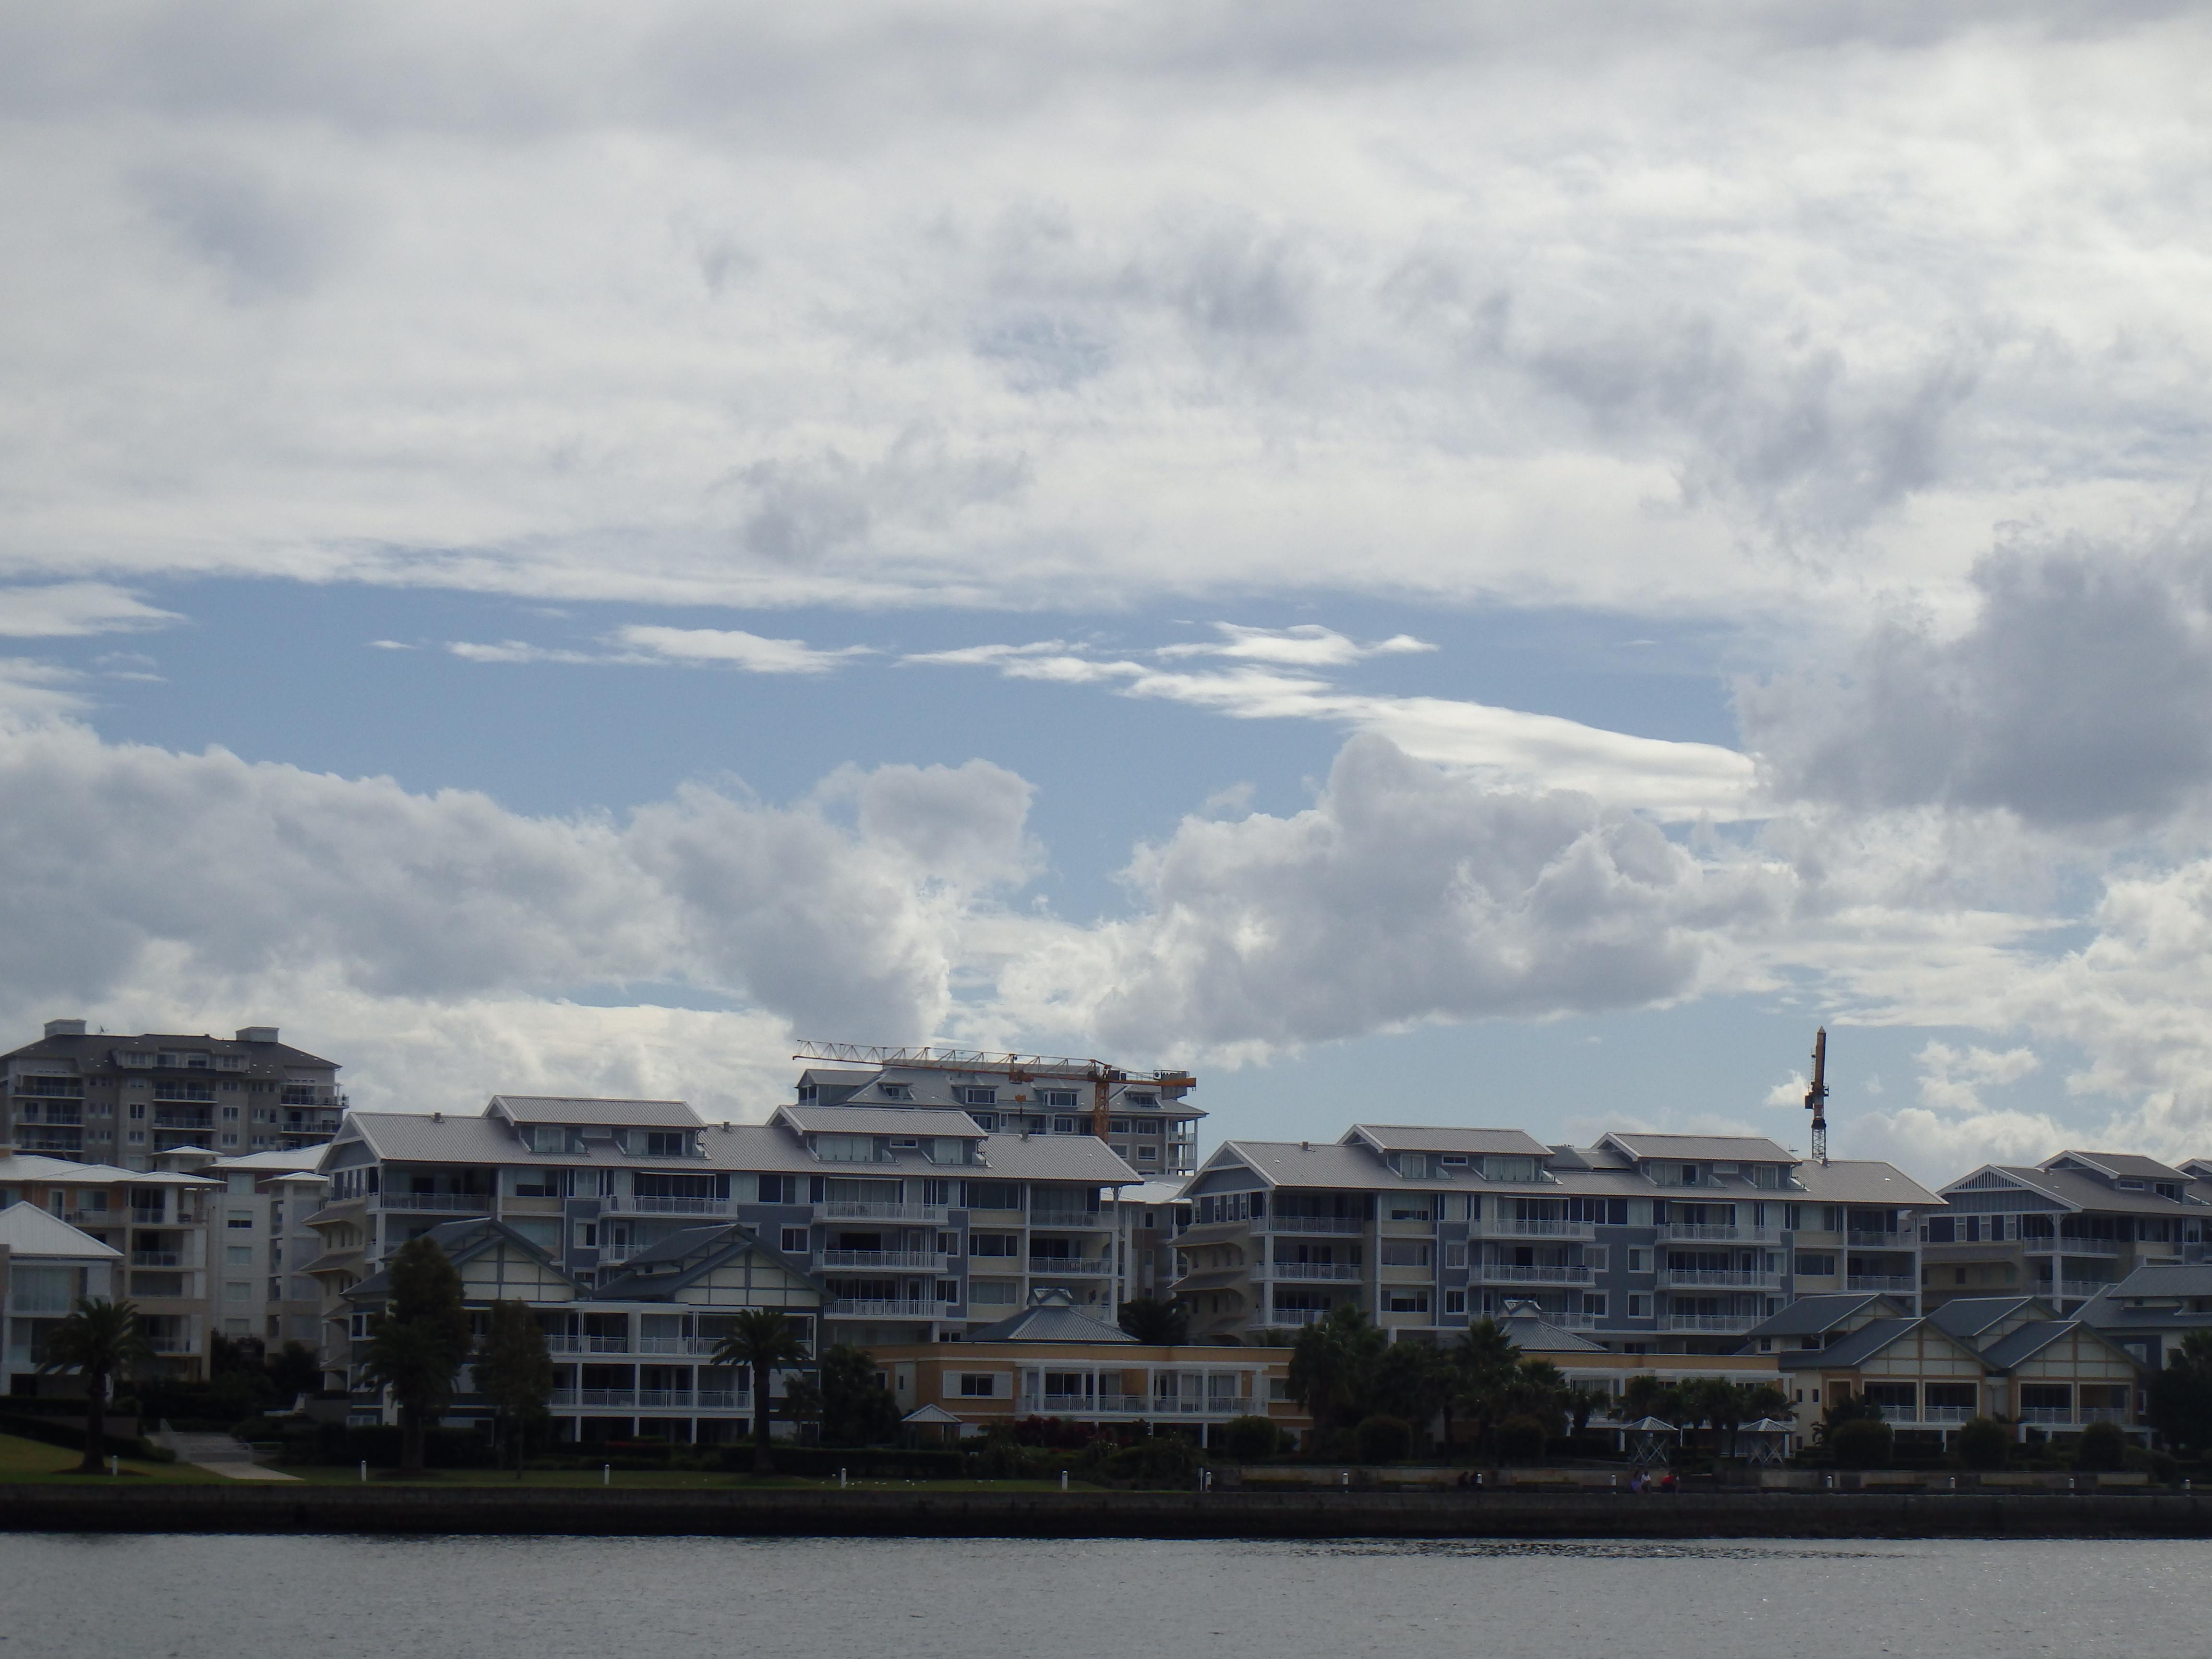 zicht op mooie villa's in Sydney vanuit het water